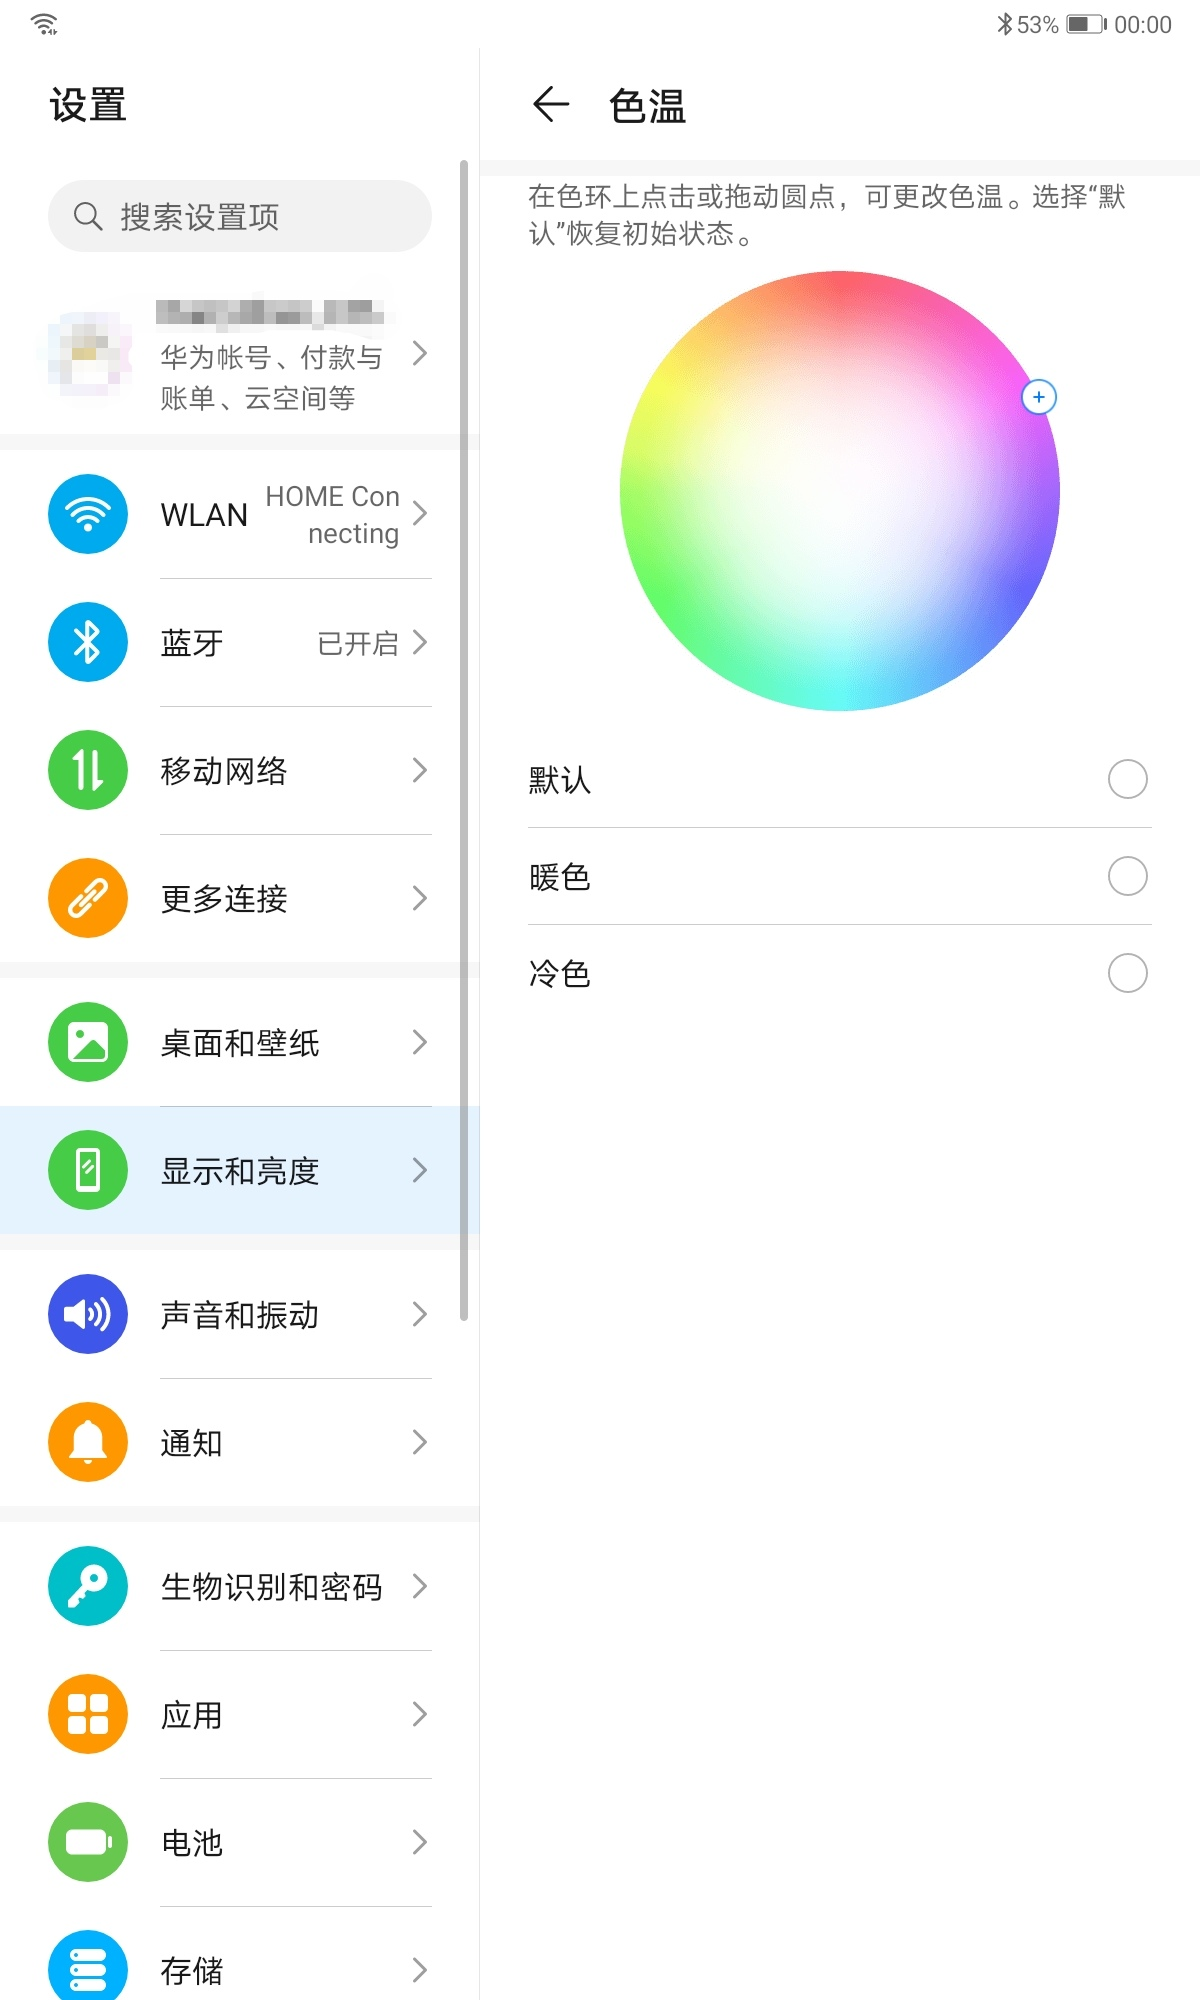 Screenshot_20201007_000142.jpg